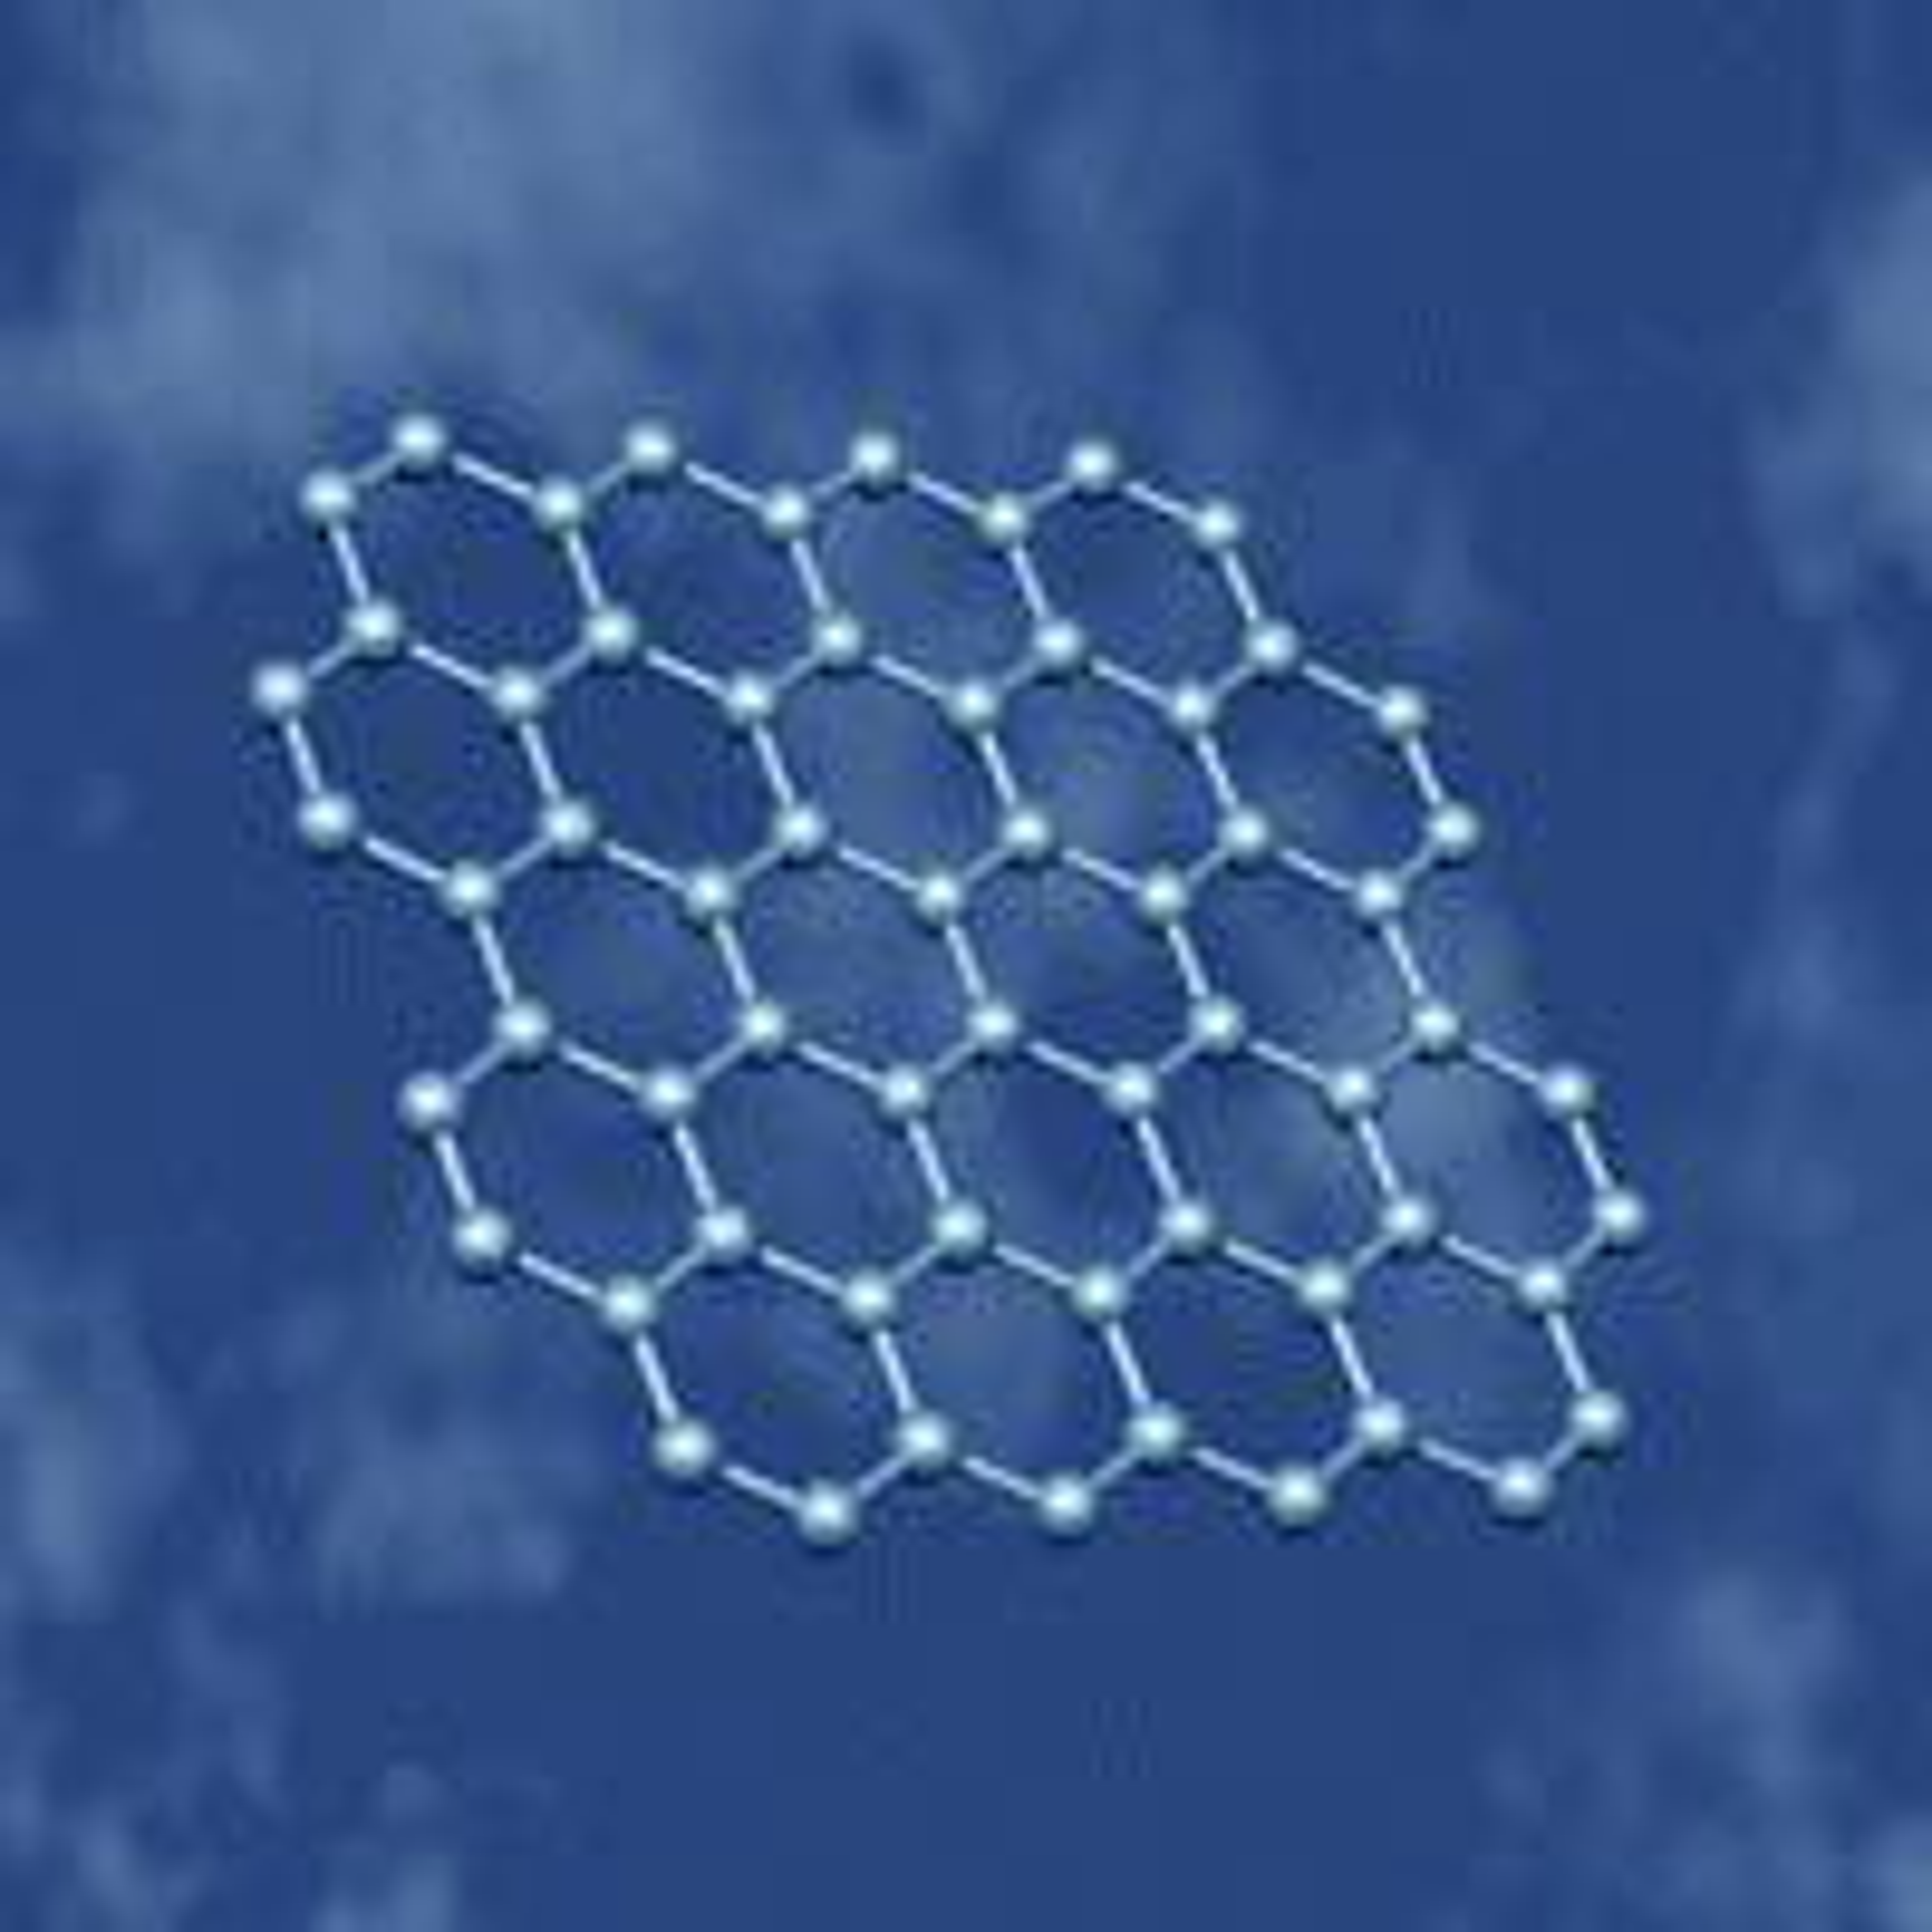 Grafen består av et lag med karbonatomer som danner et bikakelignende mønster.